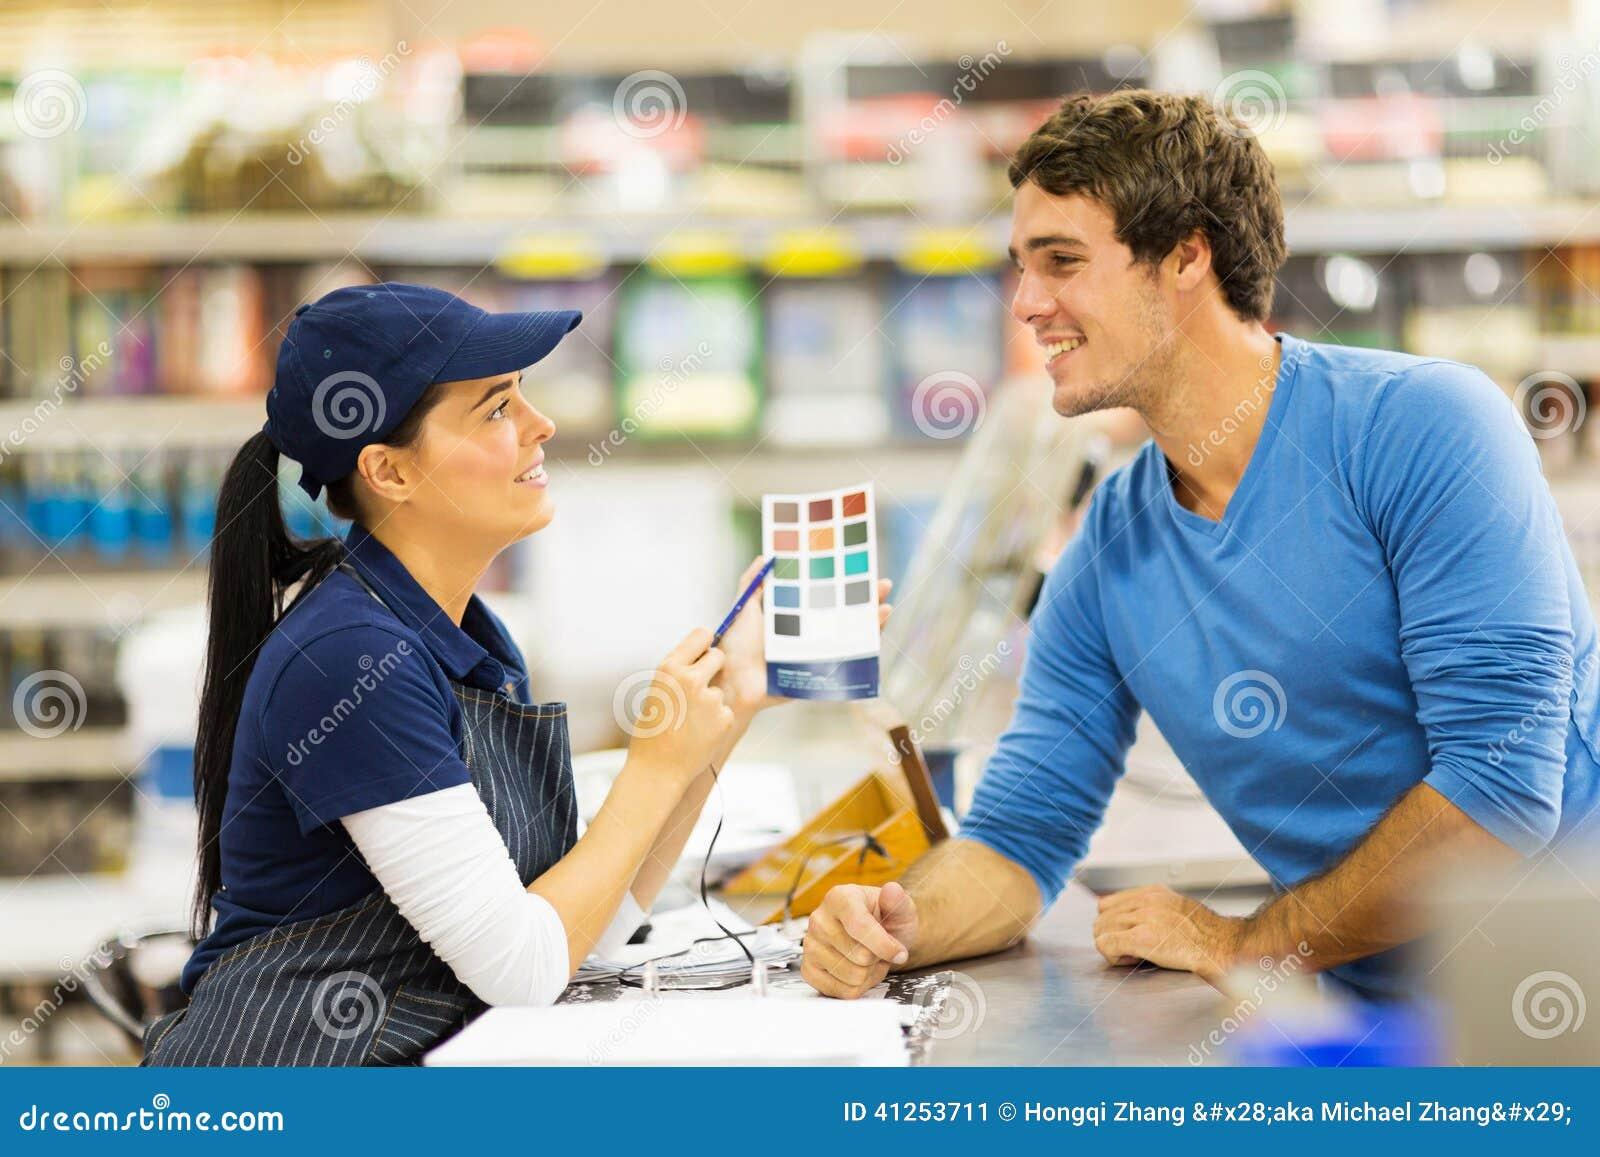 Pinte o cliente de ajuda assistente da loja